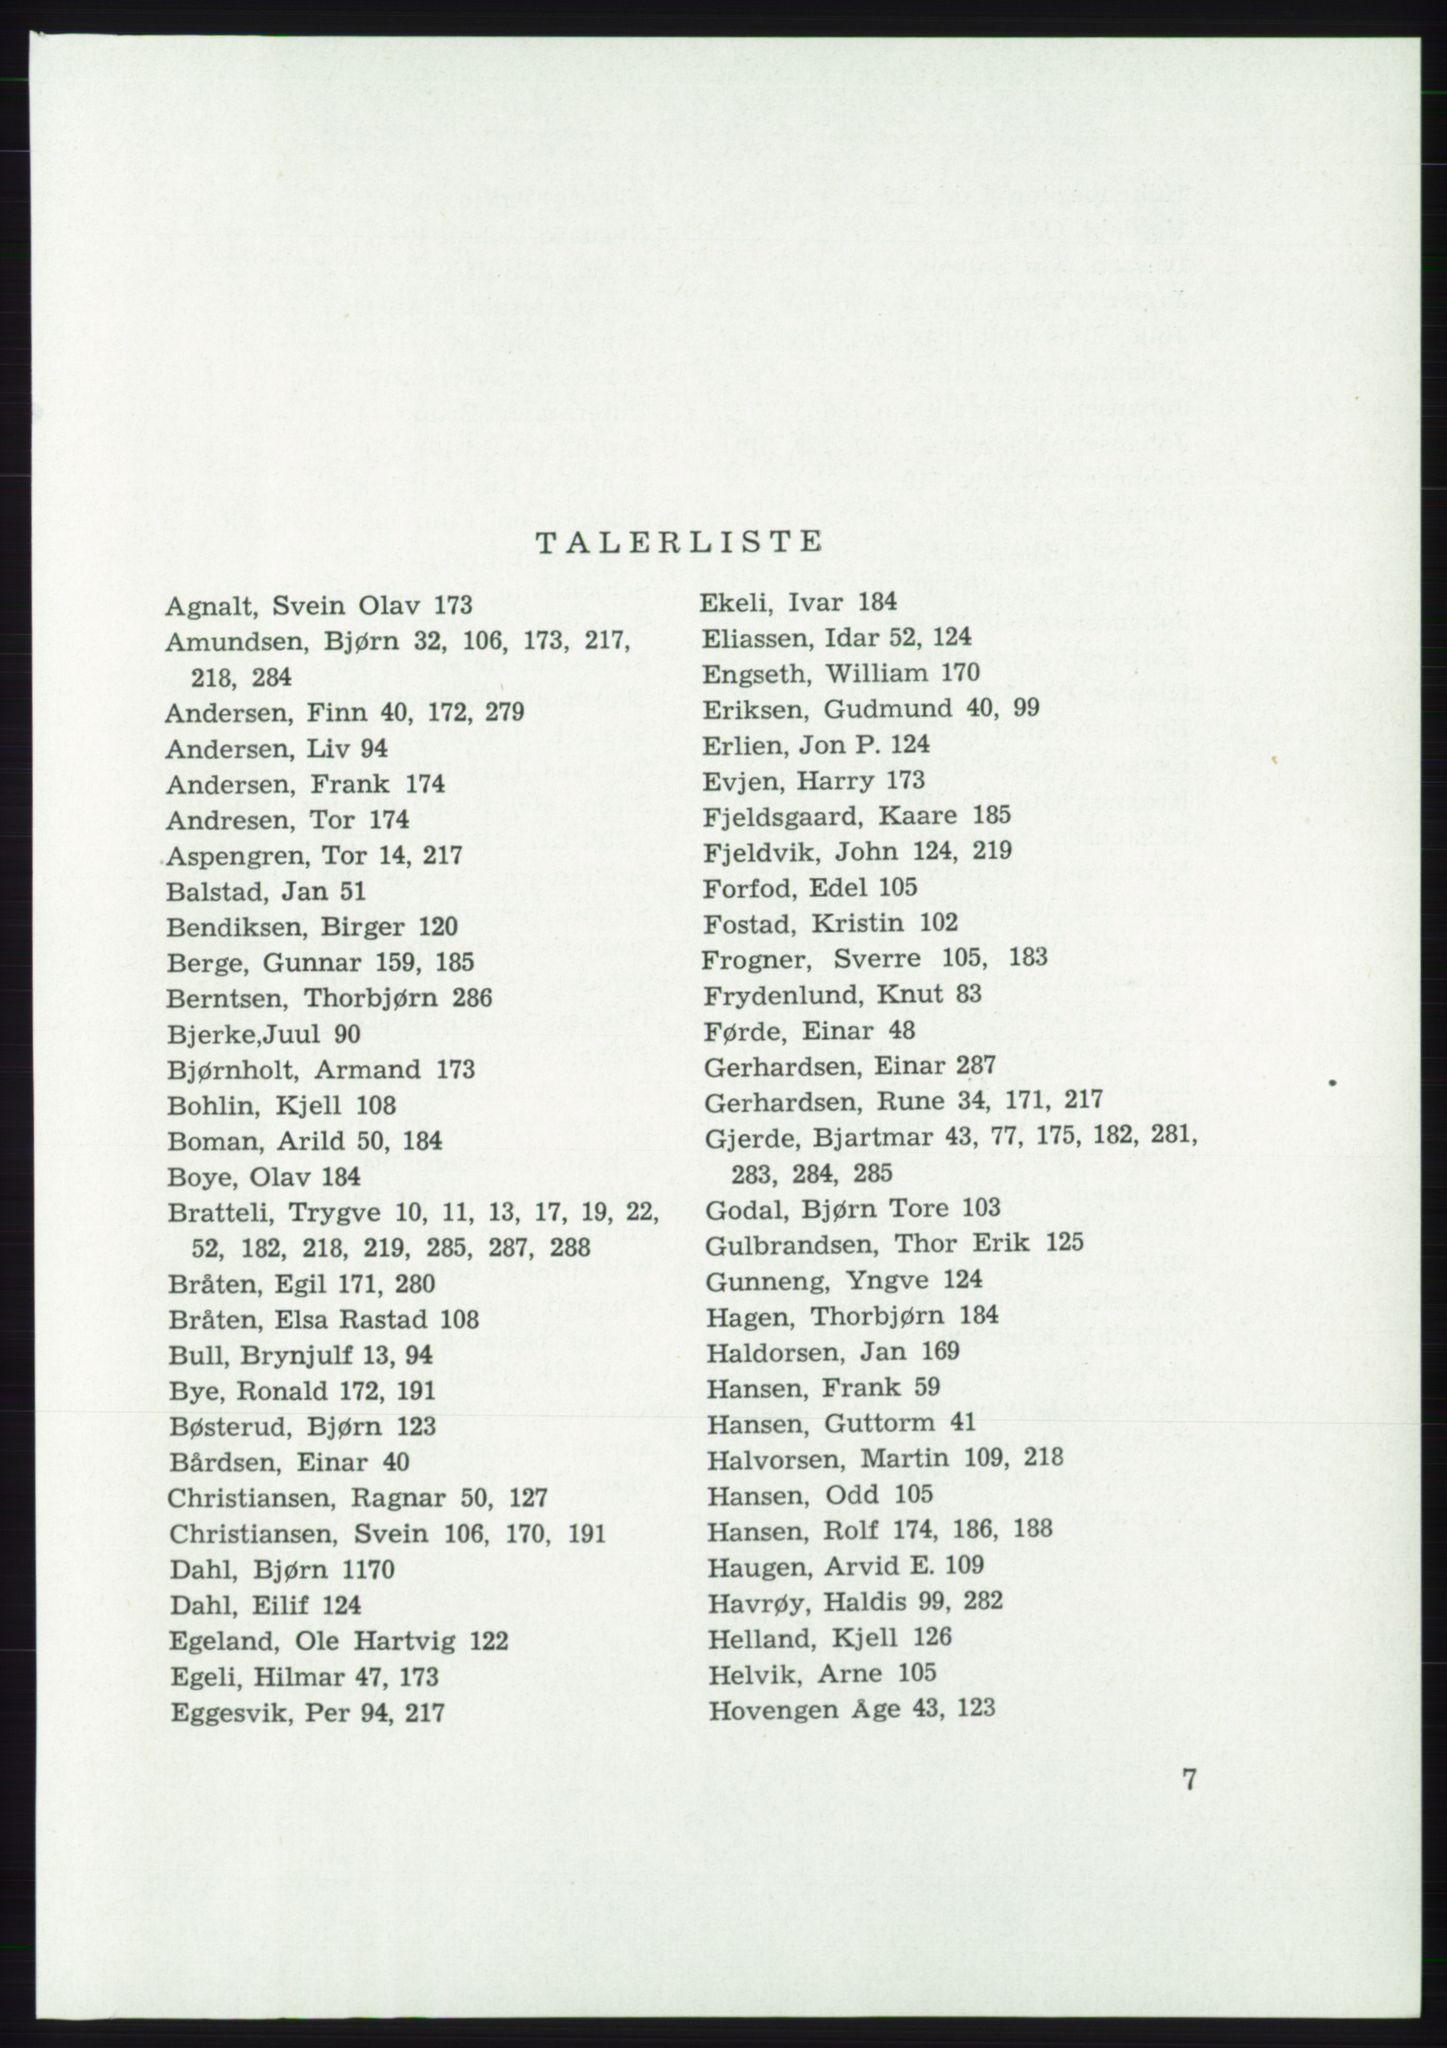 AAB, Det norske Arbeiderparti - publikasjoner, -/-: Protokoll over forhandlingene på det 45. ordinære landsmøte 27.-30. mai 1973 i Oslo, 1973, s. 7